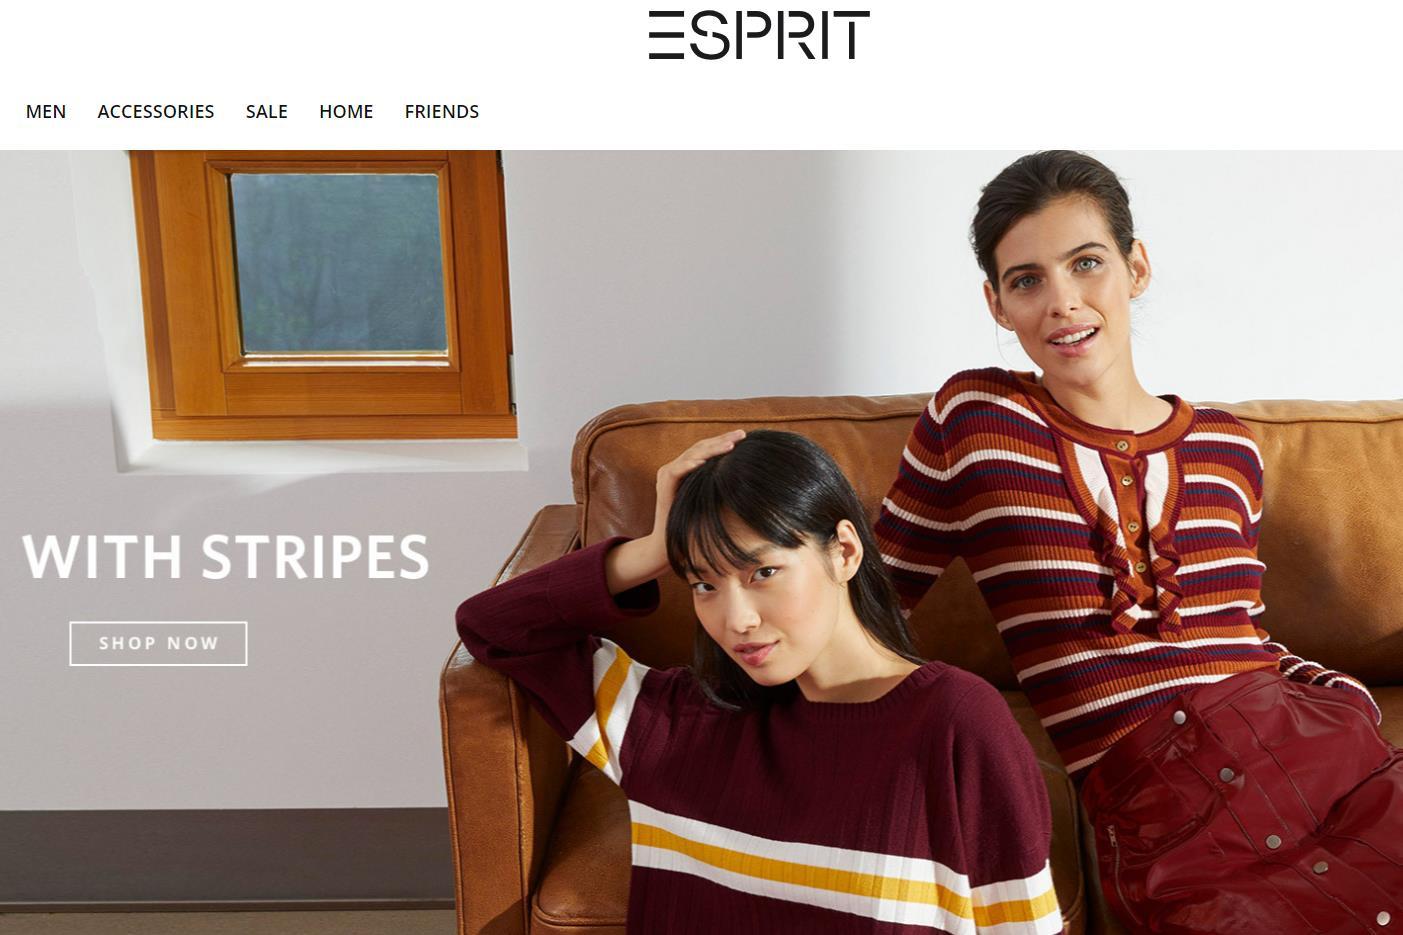 香港时尚集团 Esprit 转型阵痛还将持续至少两年,2018/2019上半财年销售下滑 14.4%